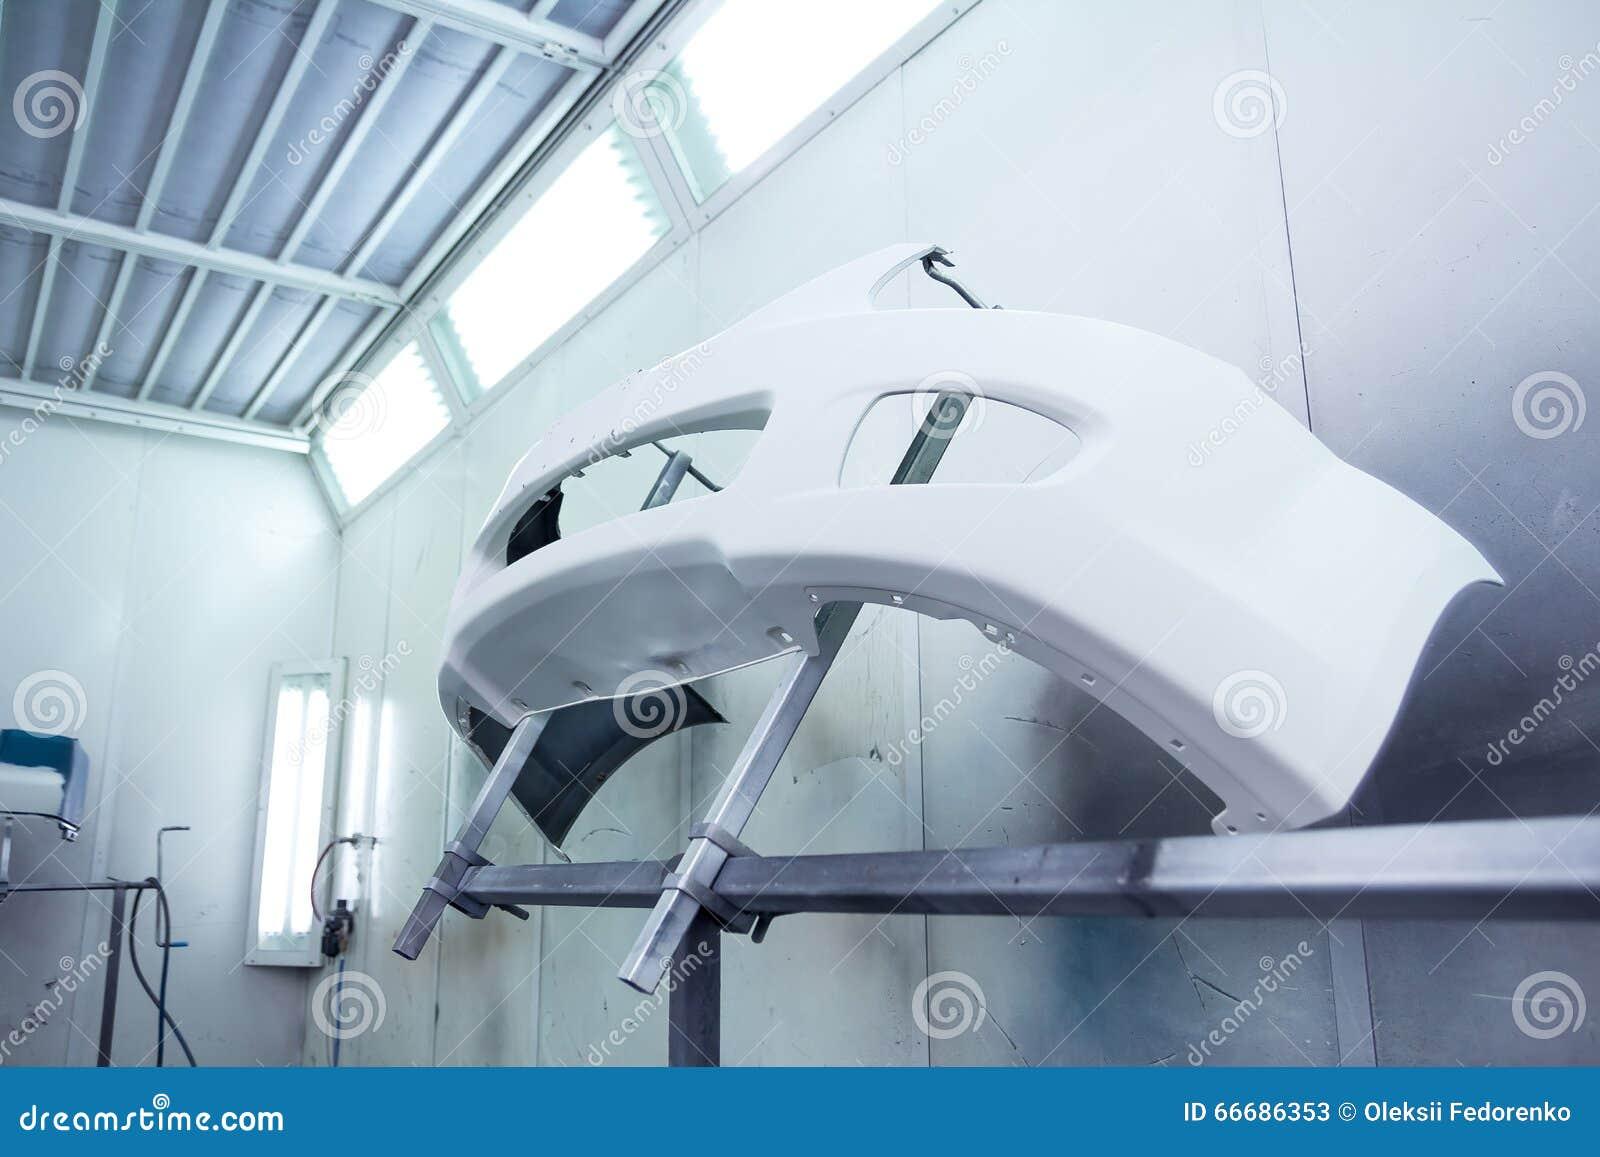 pare chocs de voiture avant la peinture dans une cabine de jet de voitures image stock image. Black Bedroom Furniture Sets. Home Design Ideas